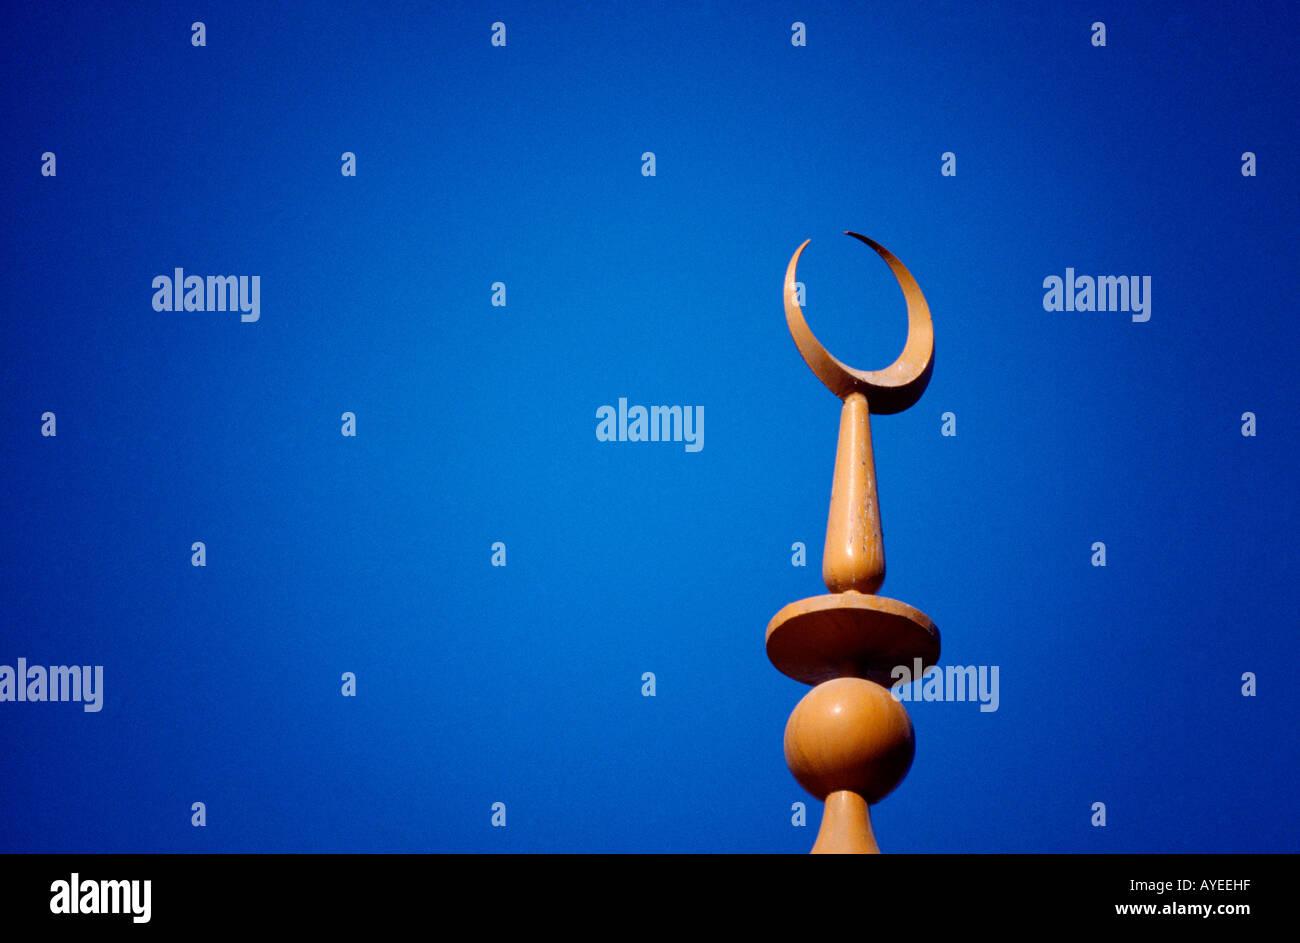 Abu Dhabi Emirati Arabi Uniti minareto della moschea con la Mezzaluna simbolo dell Islam Immagini Stock